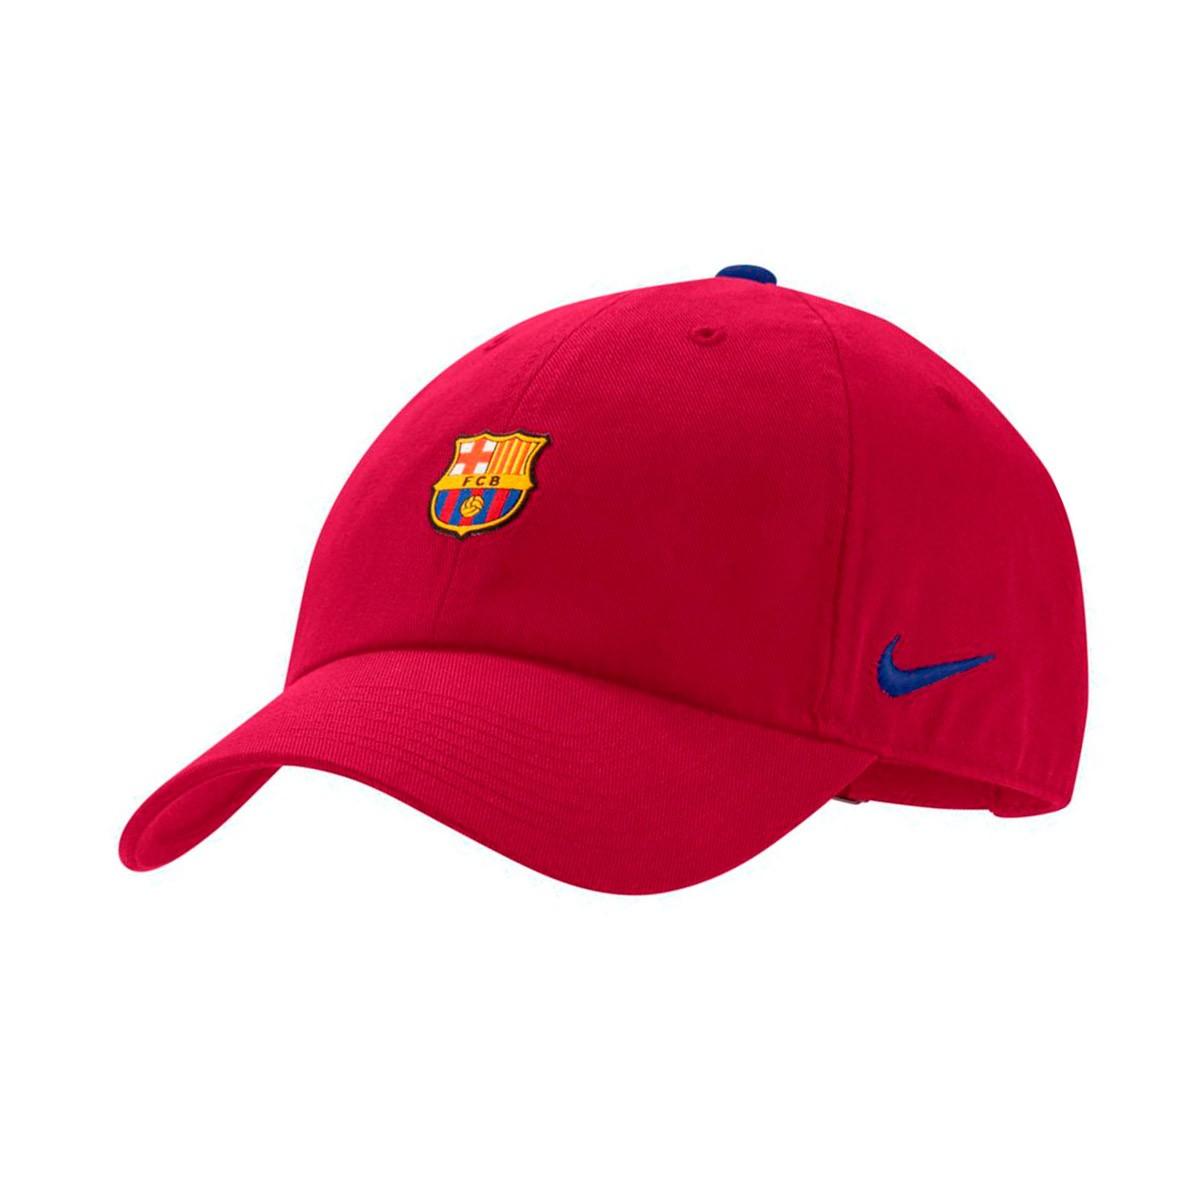 b45b31da0 Futbalové kluby (všetky) | Nike FC Barcelona šiltovka červená ...